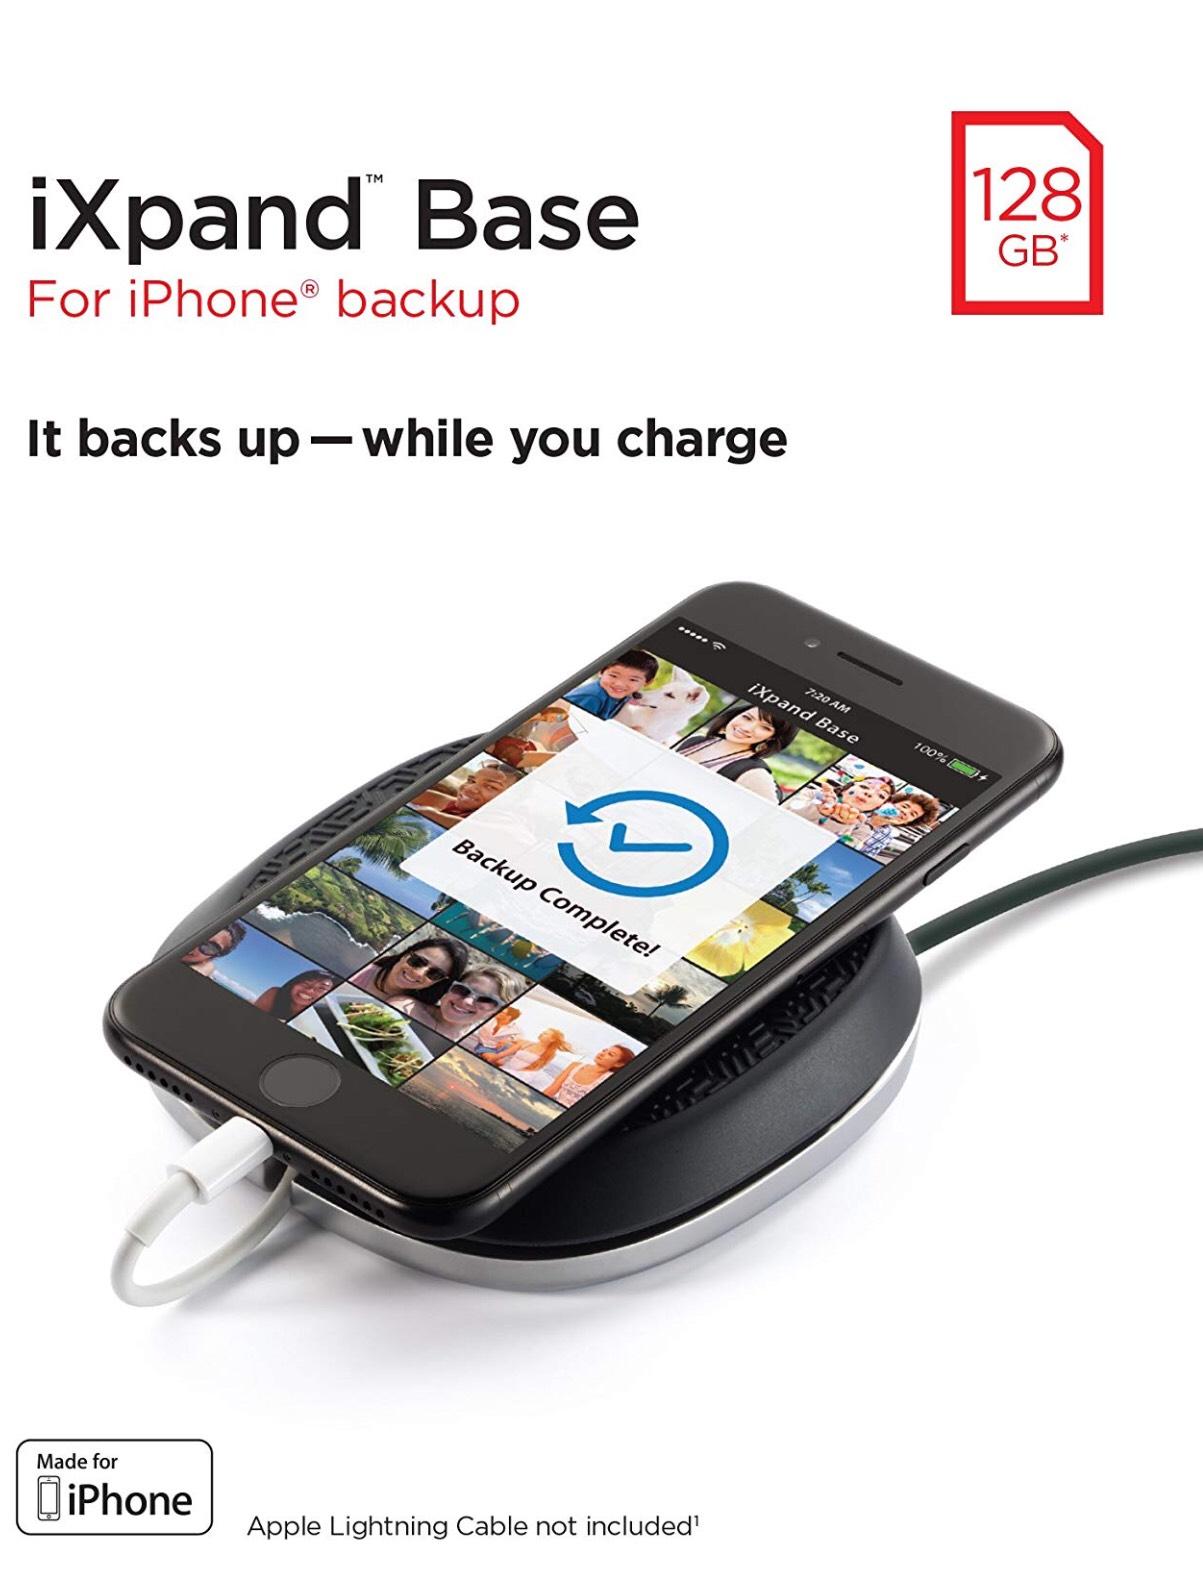 SanDisk - Base iXpand de 128 GB, para cargar iPhone y hacer copias de seguridad de su contenido